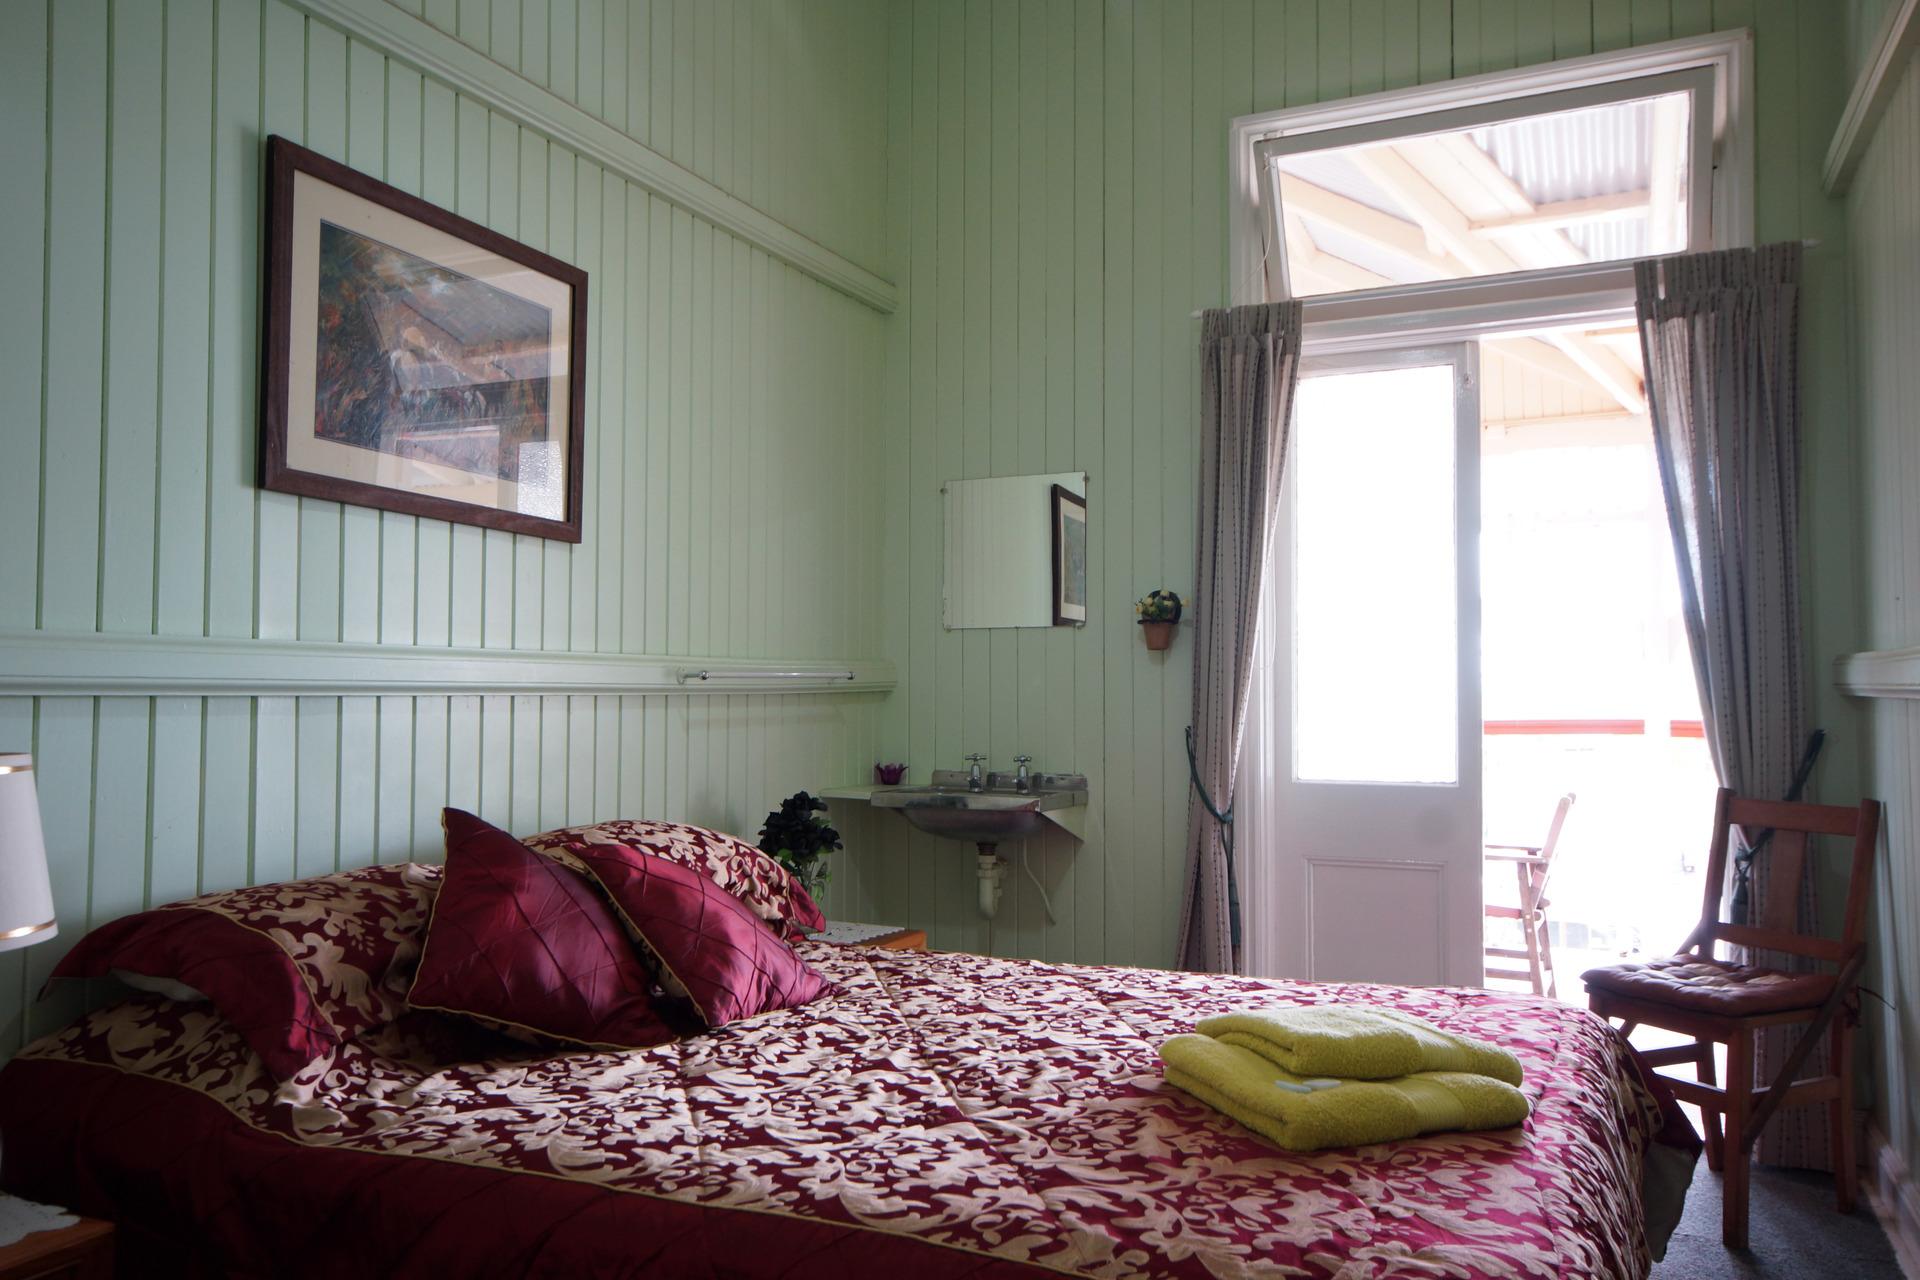 c - Killarney Hotel Motel